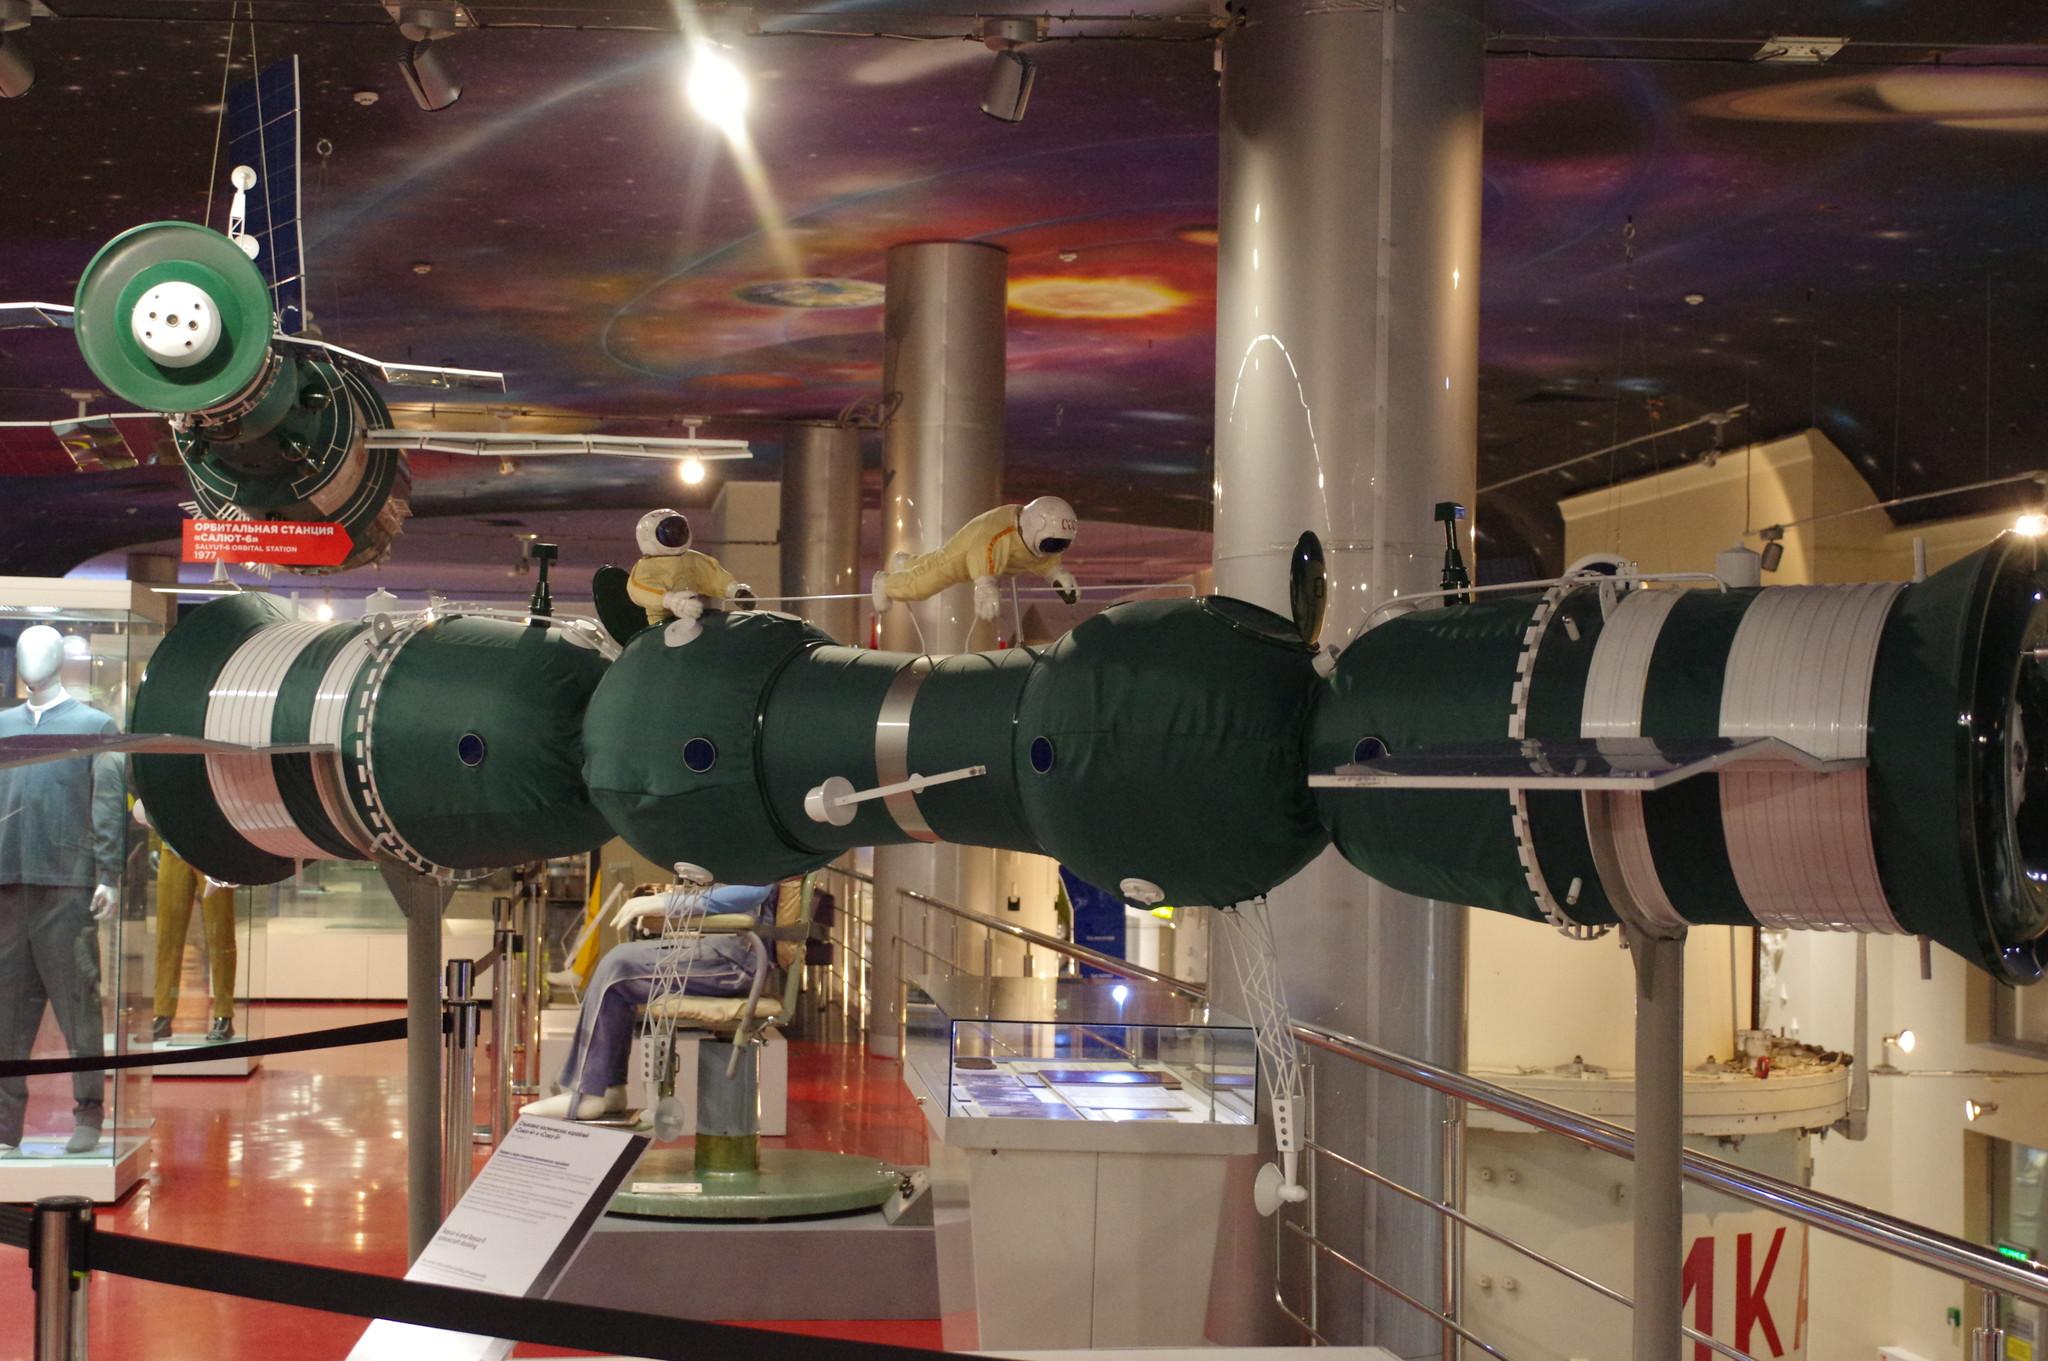 Музей космонавтики в Москве (проспект Мира, дом 111)